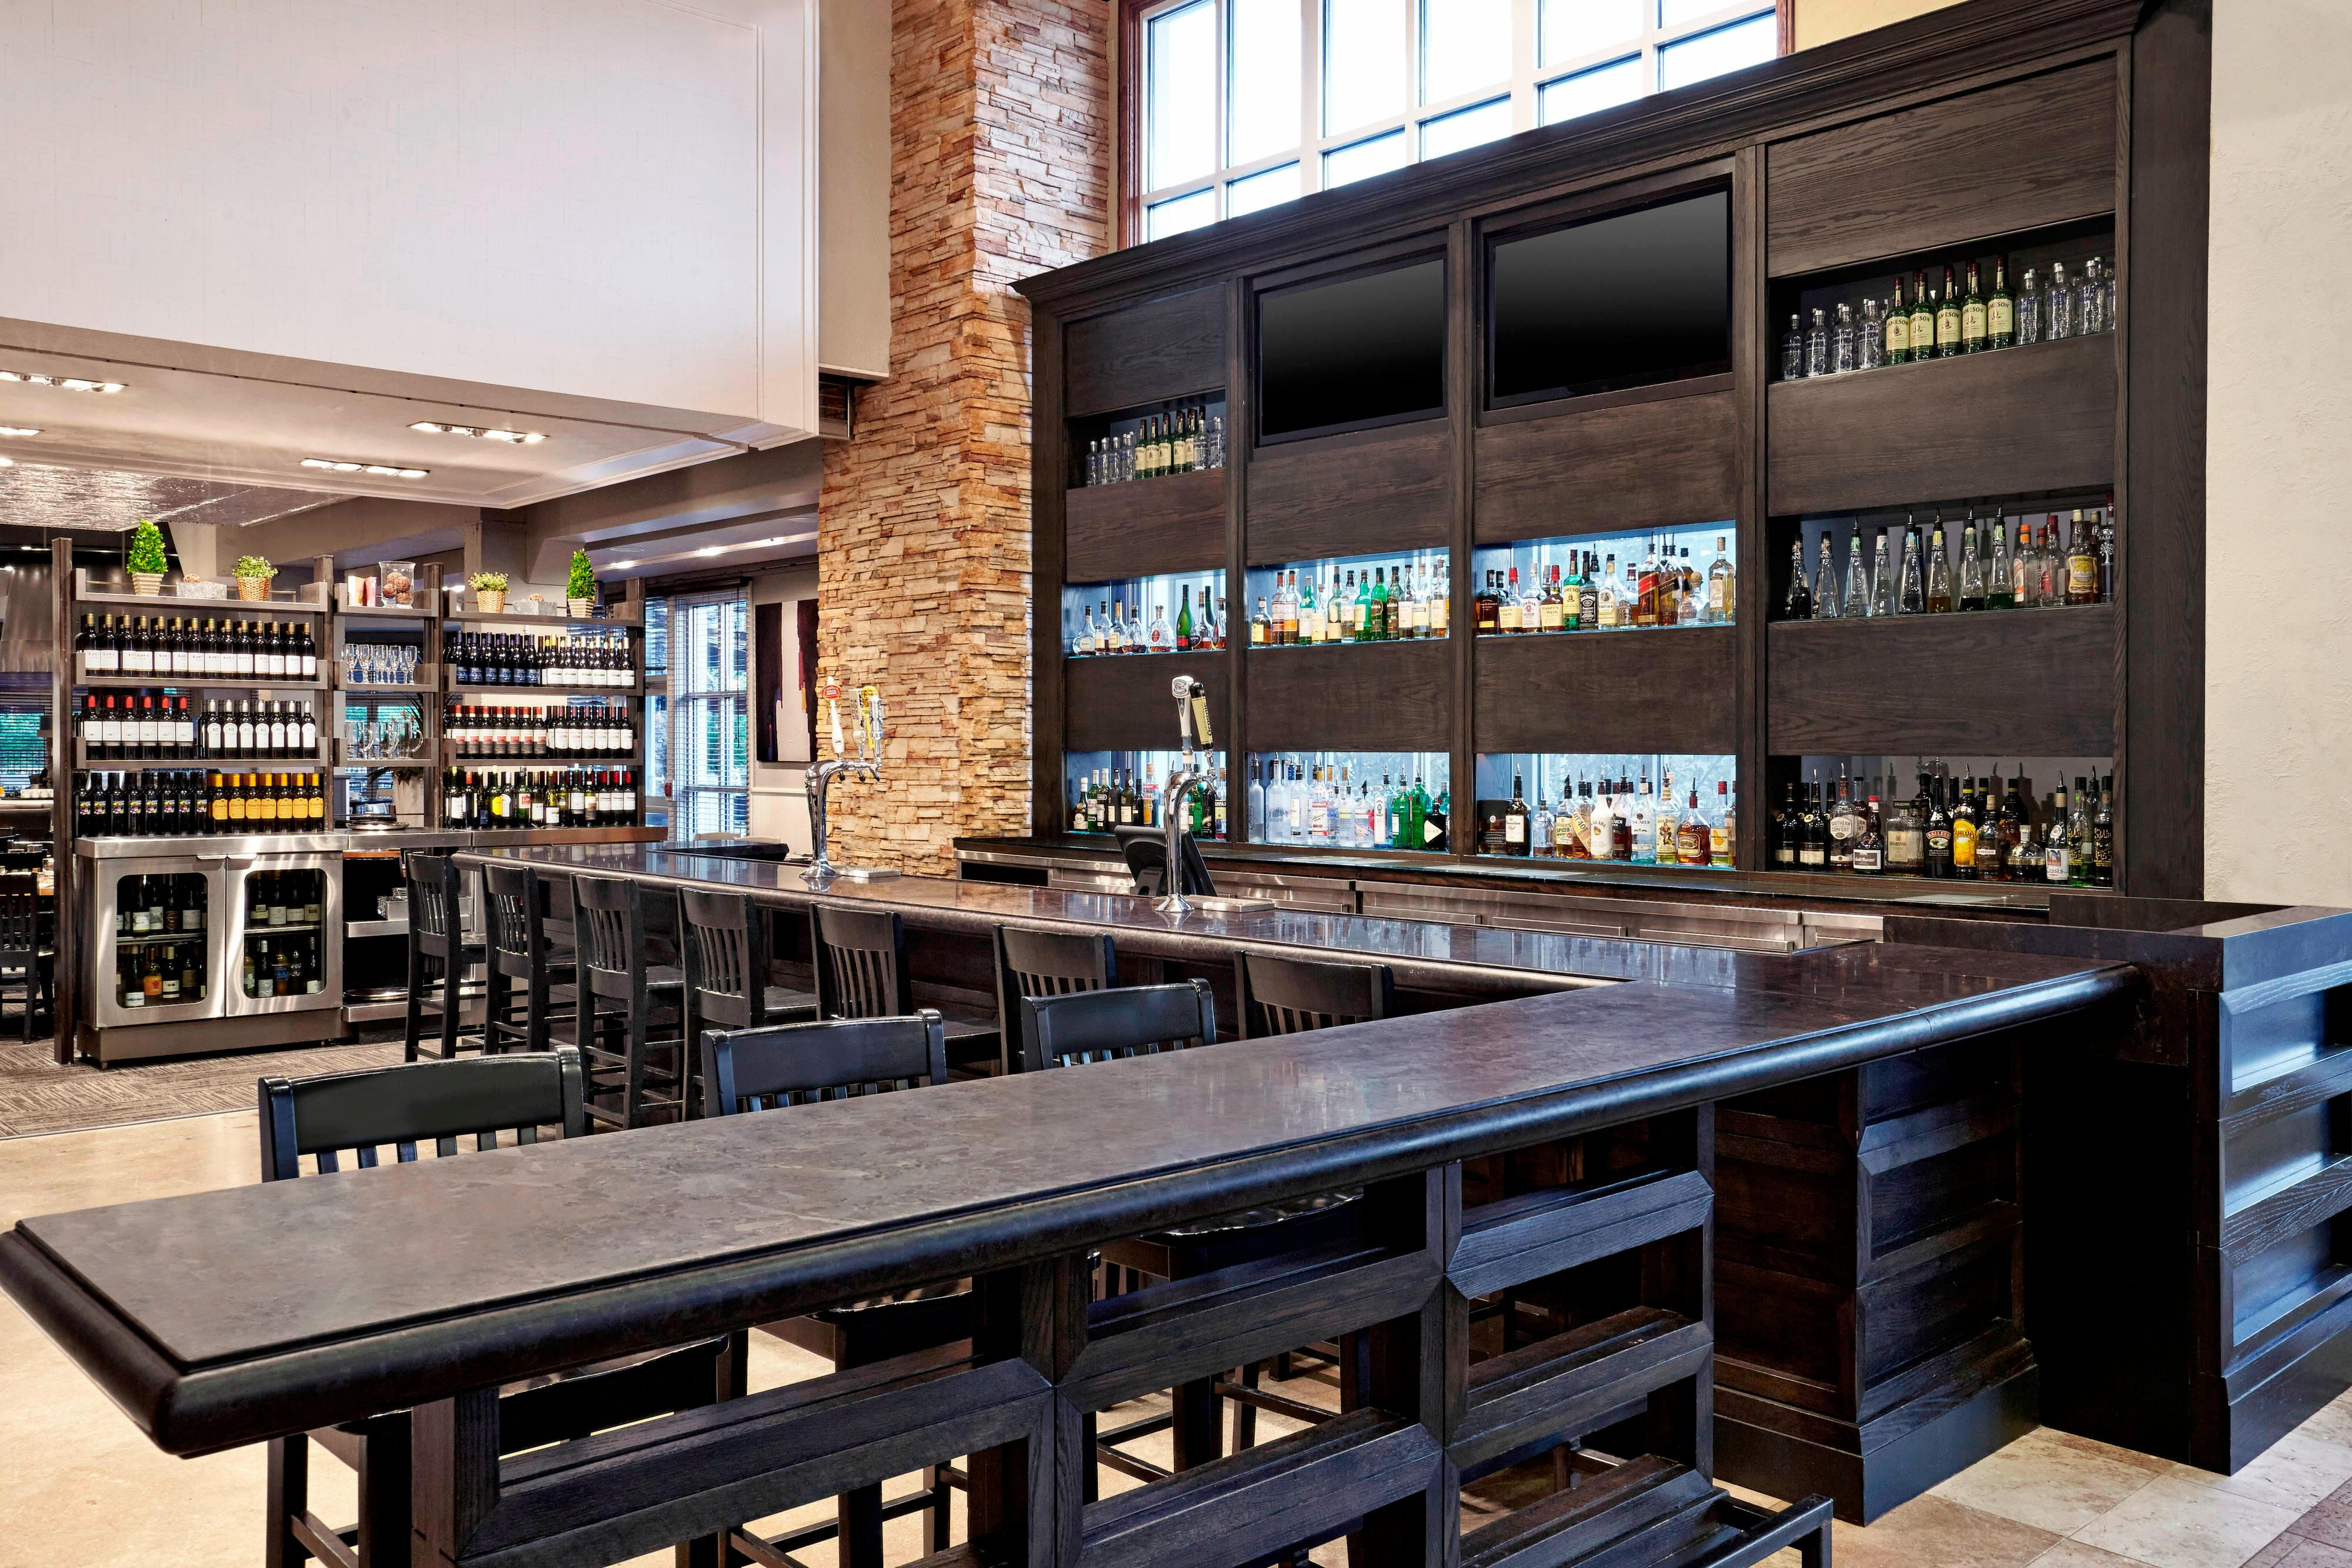 Oliver & Bonacini Café Grill - Bar Area